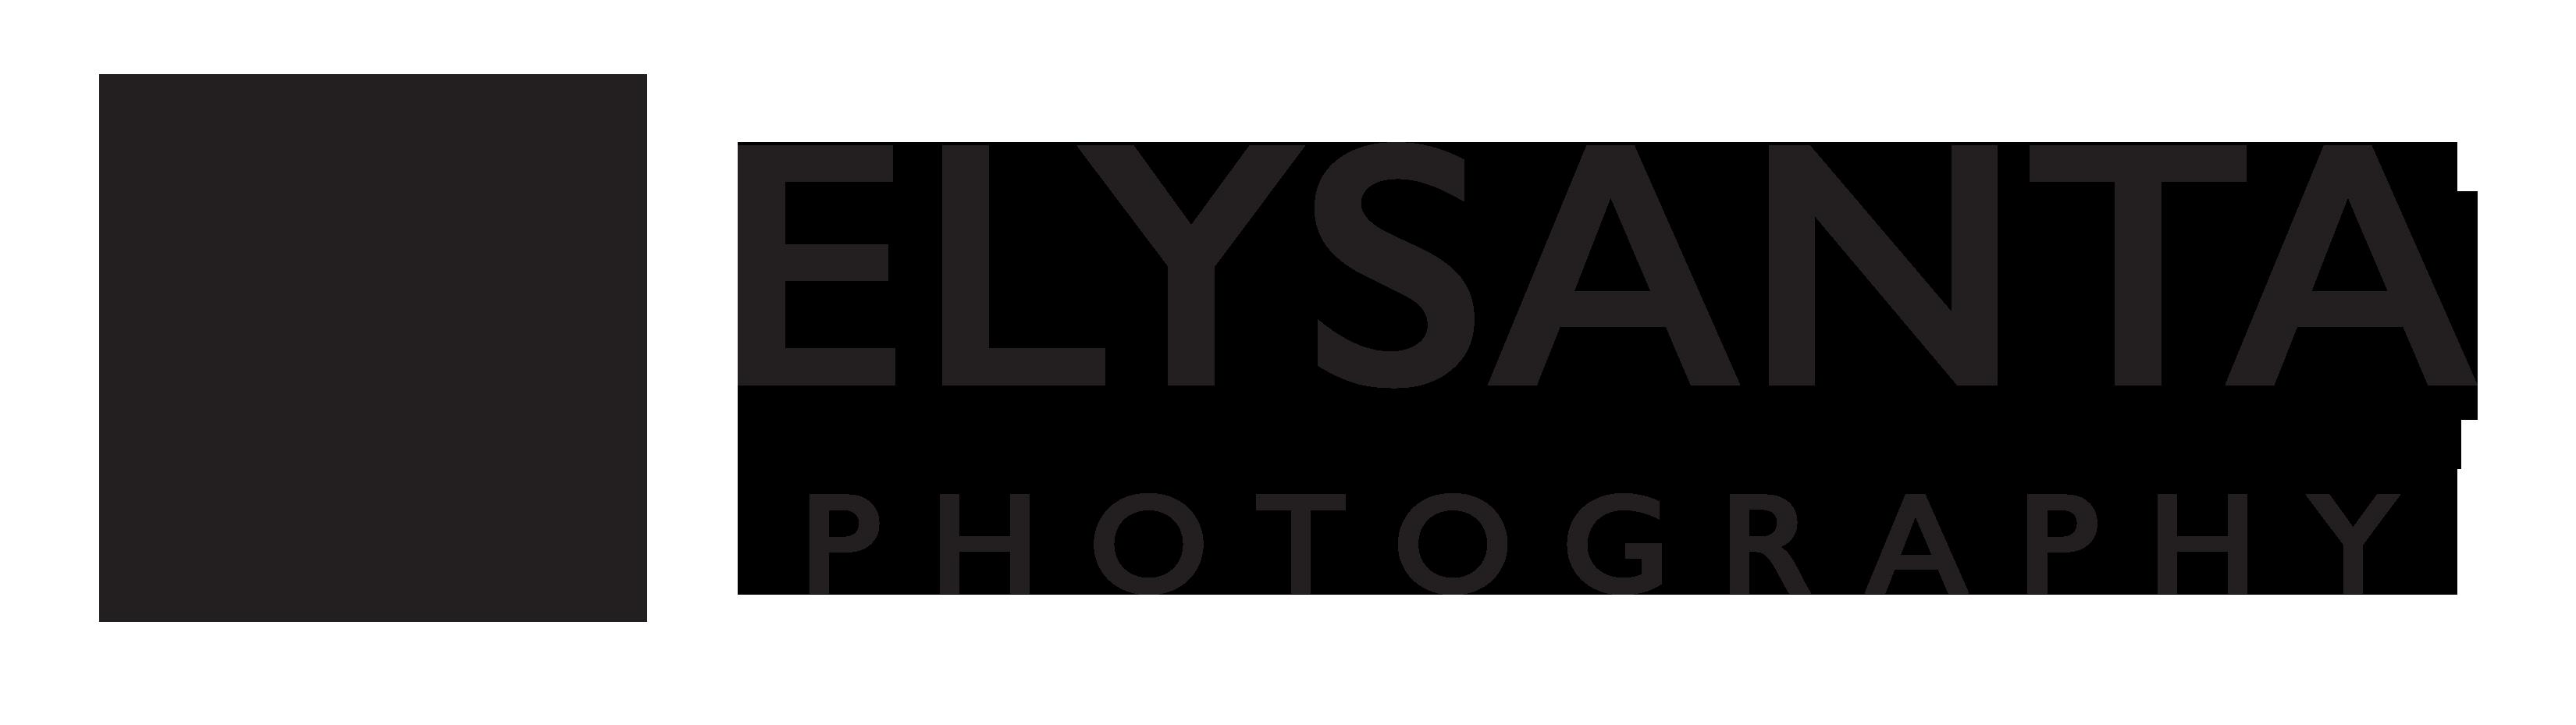 Elysanta Photography